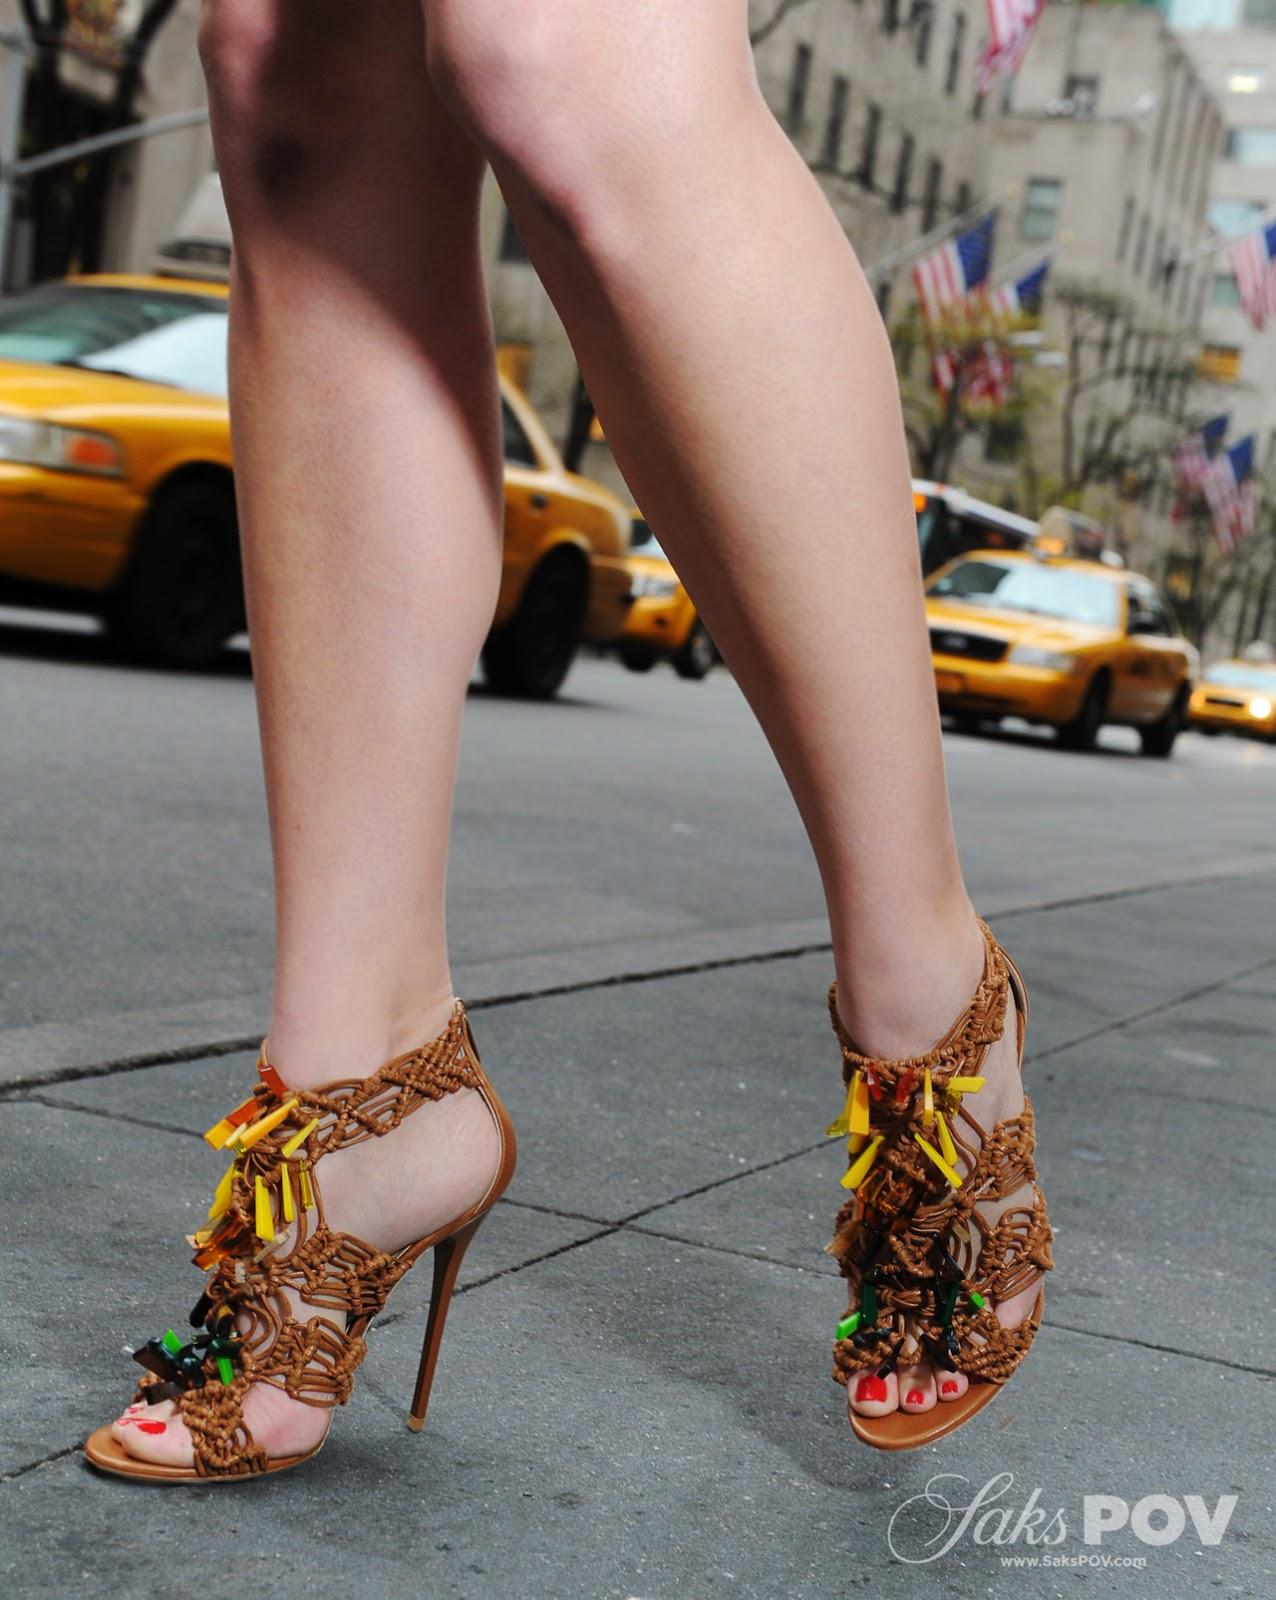 Los mejores zapatos de noche para la mujer de hoy